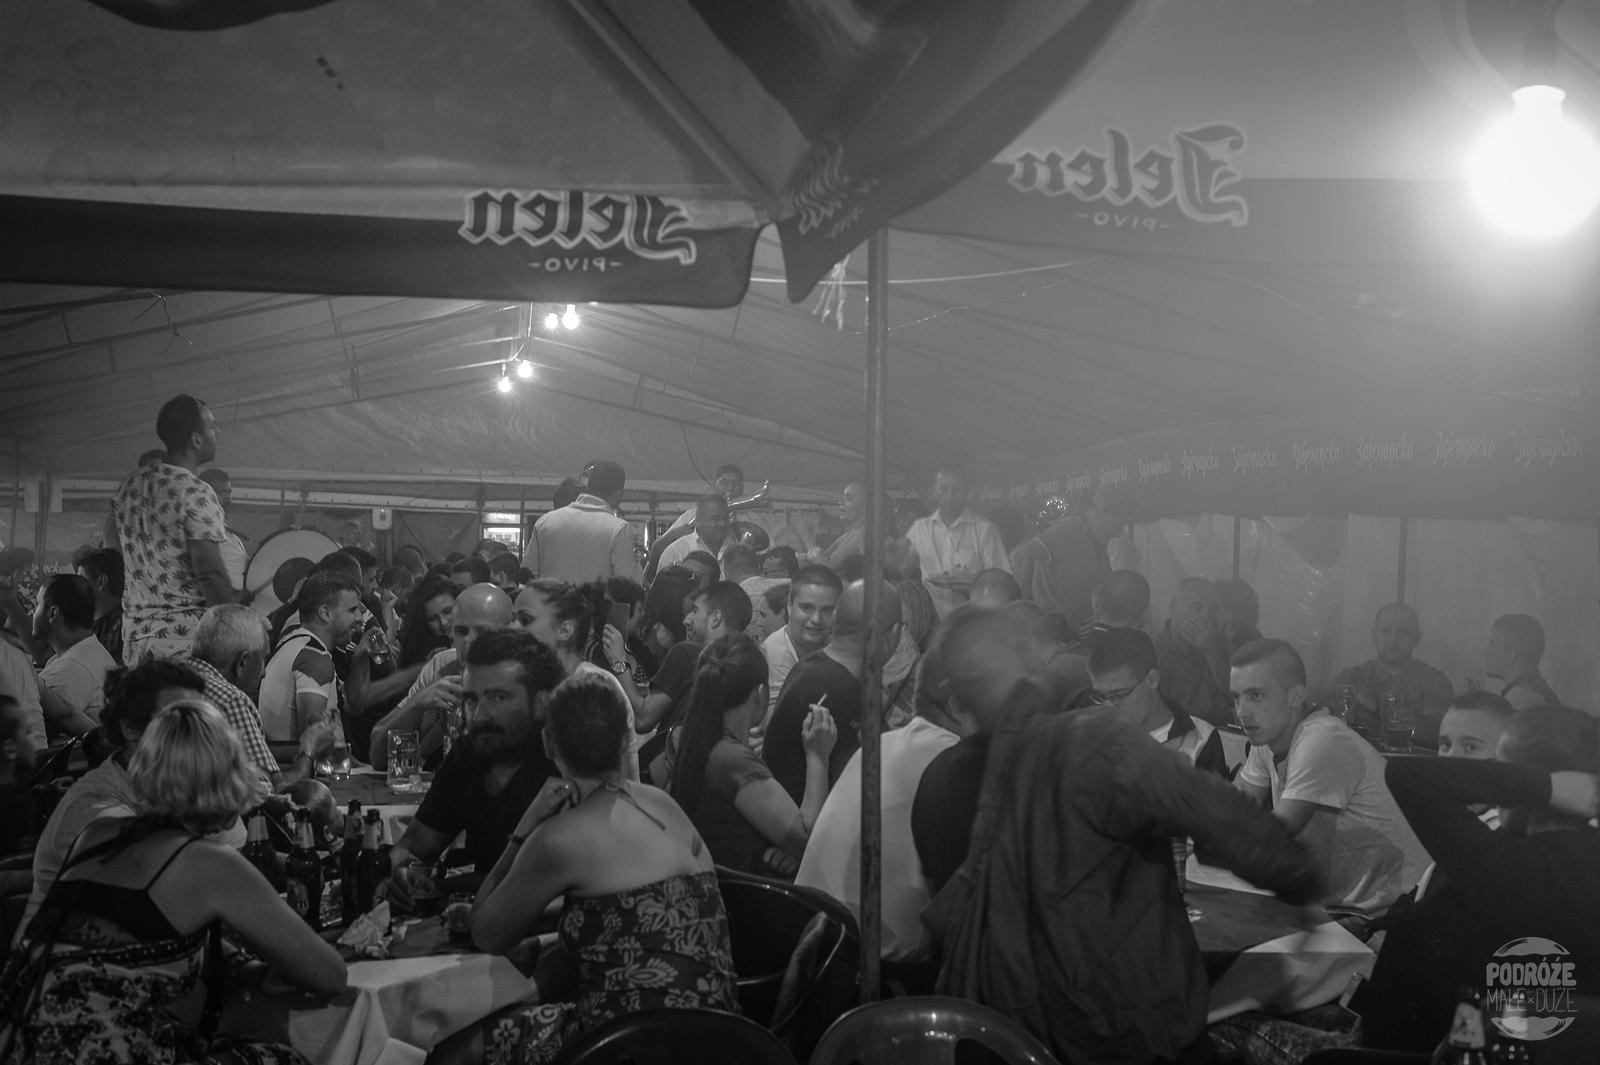 Serbia festiwal trąb w Guca knajpa